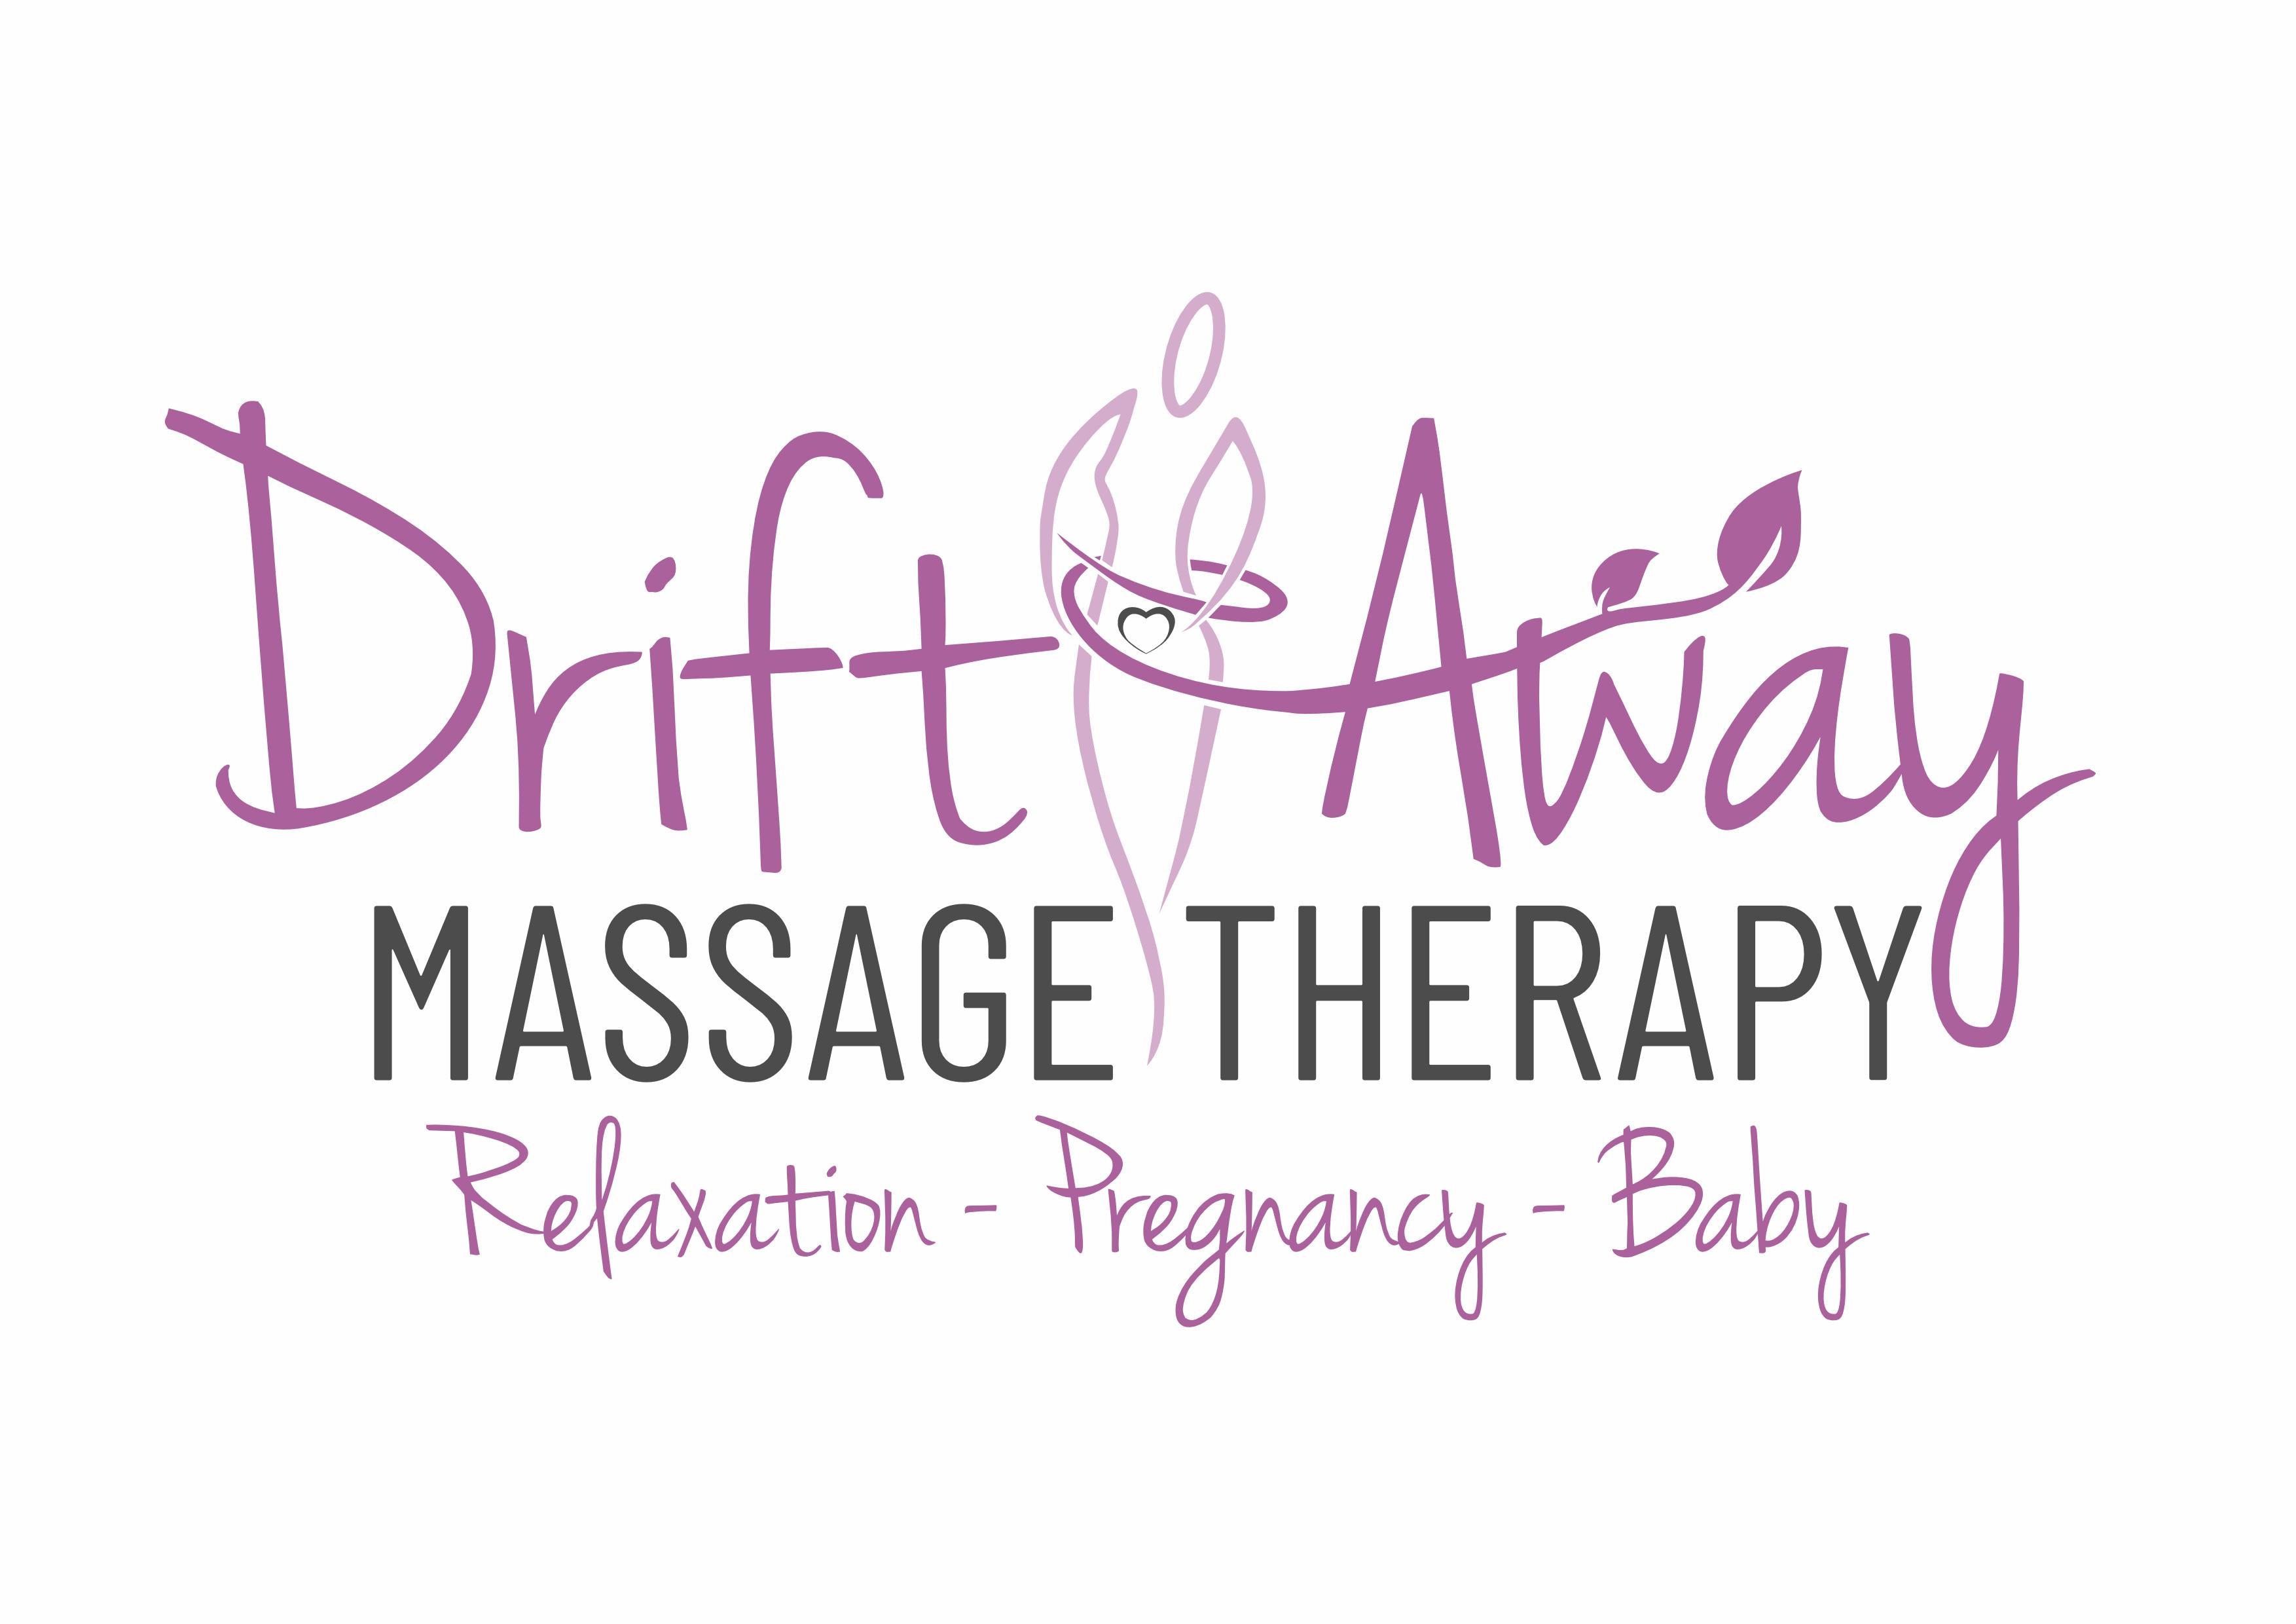 Drift Away Massage Therapy